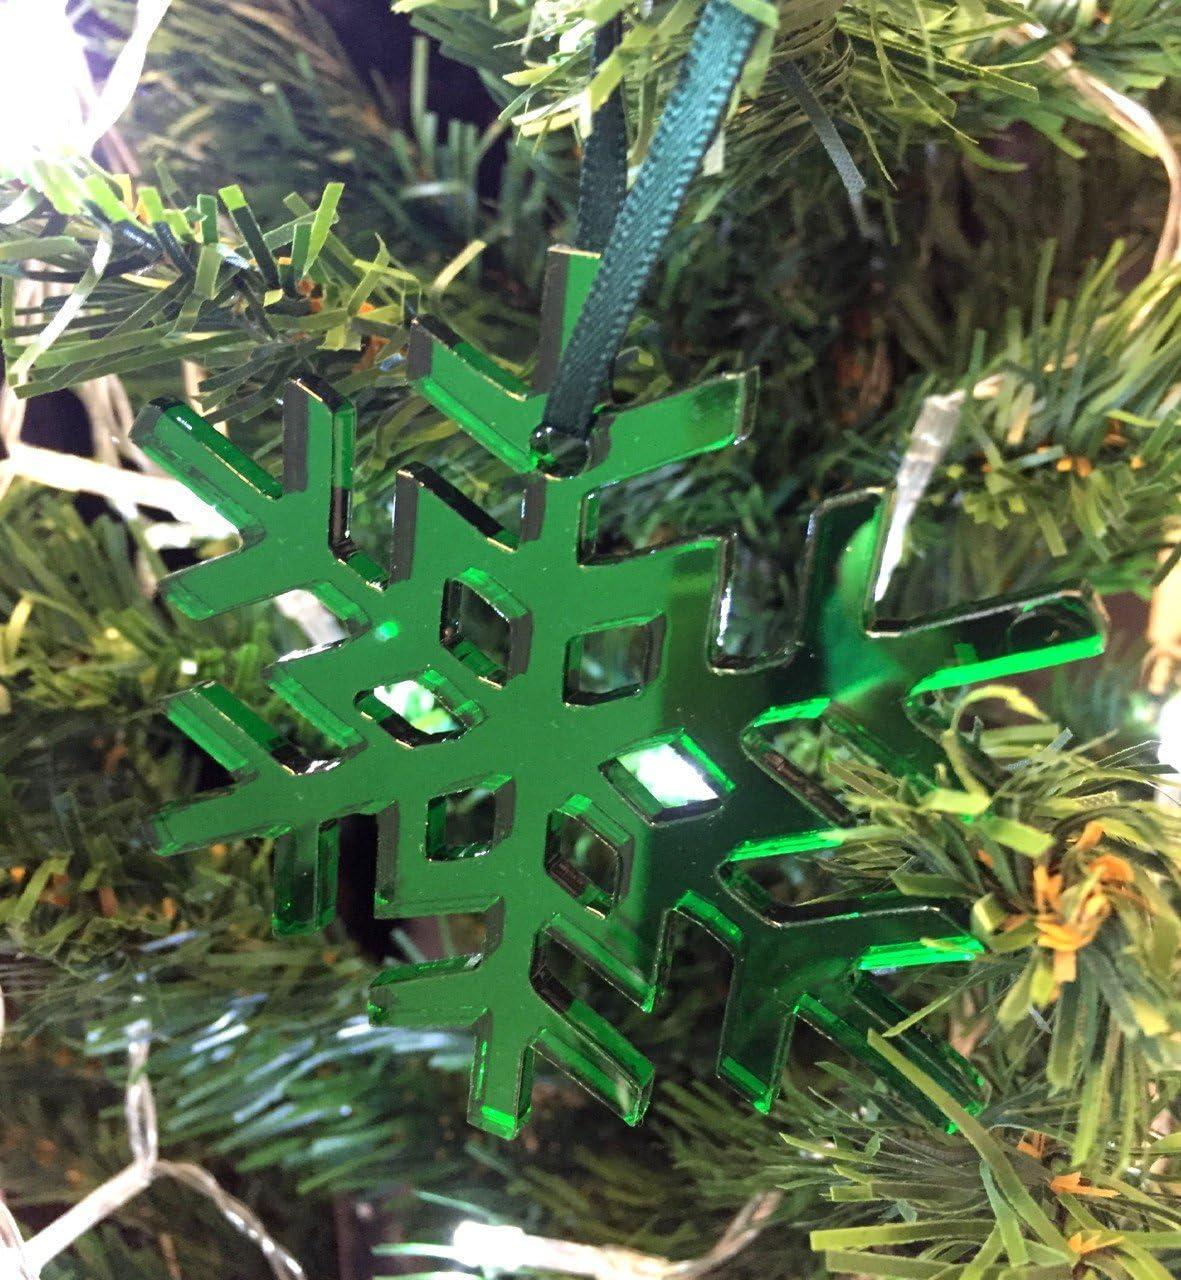 Super Cool Creations Copo de Nieve Cristal Adornos para Árbol De Navidad - Pack DE 10 - Verde: Amazon.es: Hogar